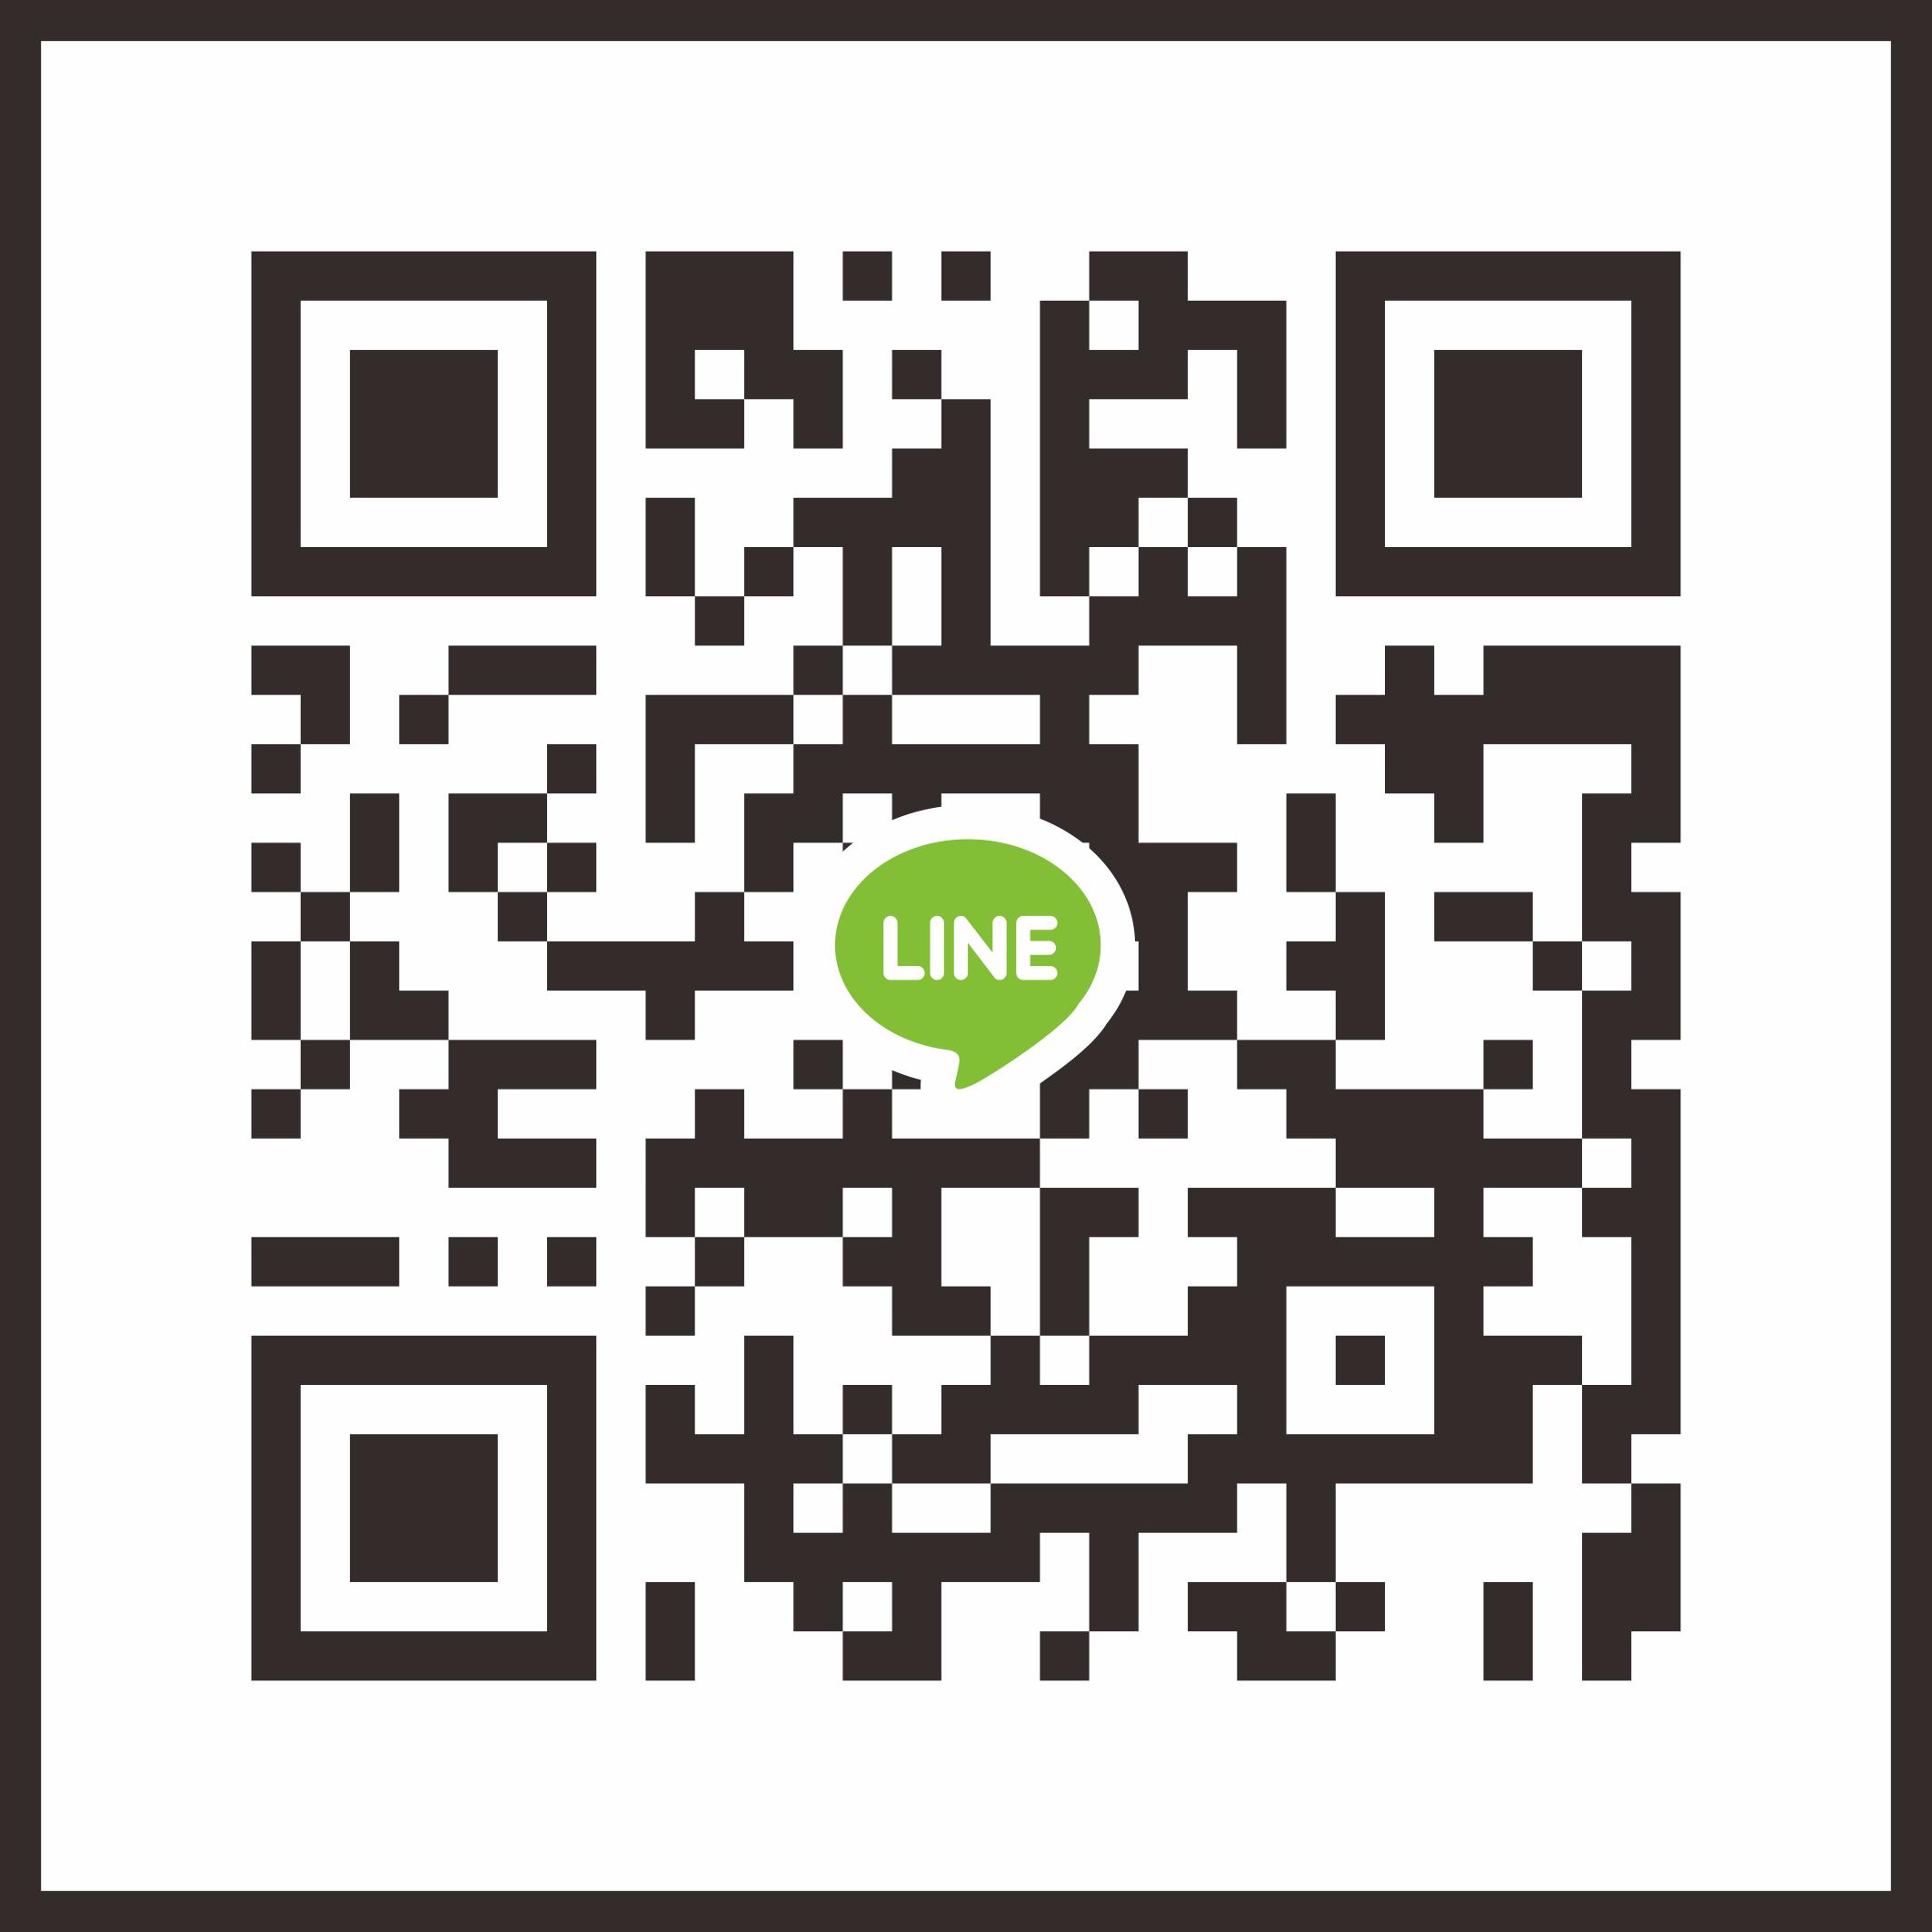 ID Line